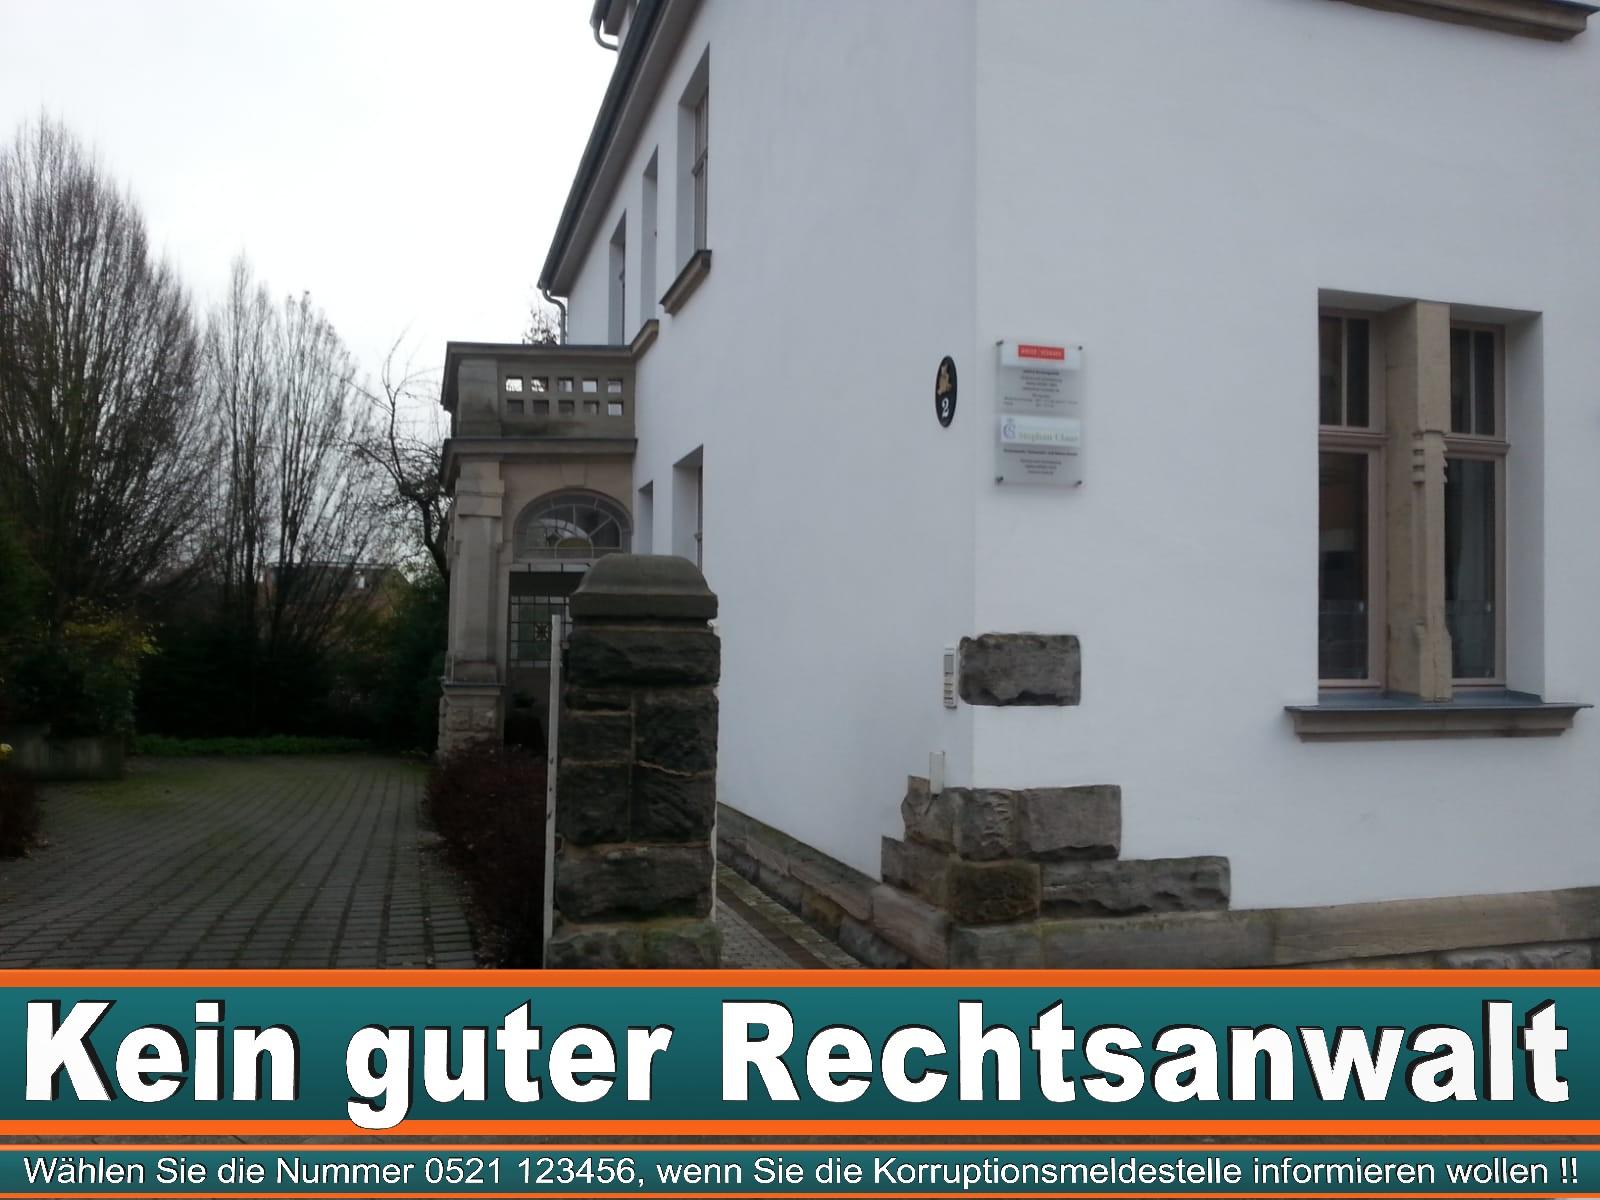 Rechtsanwaltskanzlei Stephan Claus Marienstrasse 2 Neustadt Rechtsanwalt Stephan Claus 0 (4)